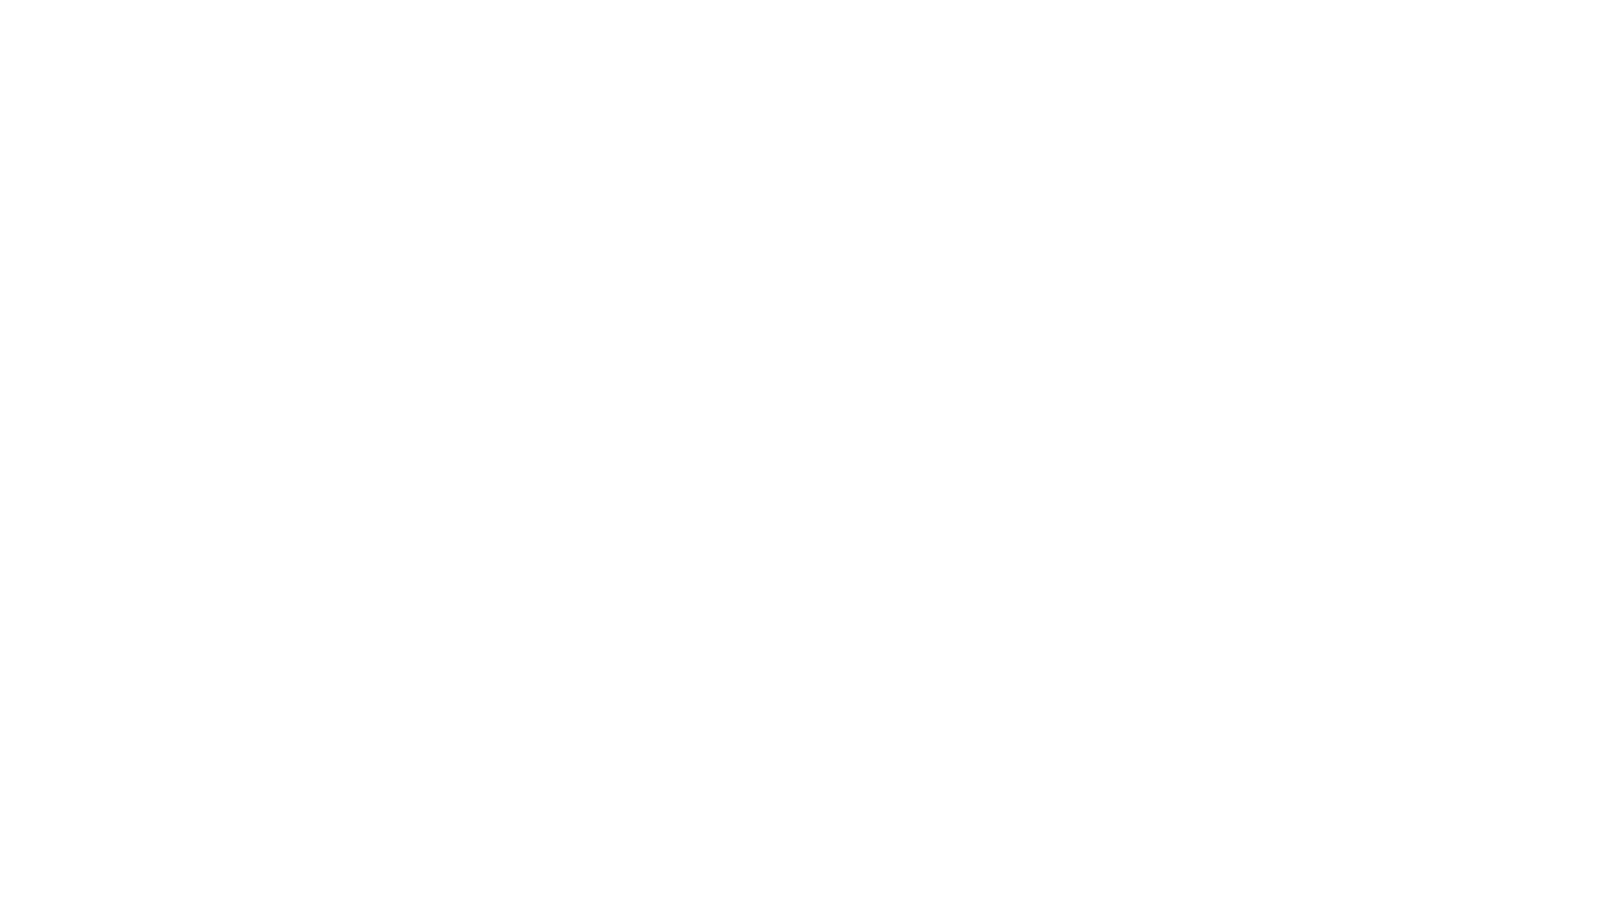 Переделка сантехники в квартире после рукожопов. Сантехнические работы в Самаре +7-987-440-87-08 https://santehnik63.ru